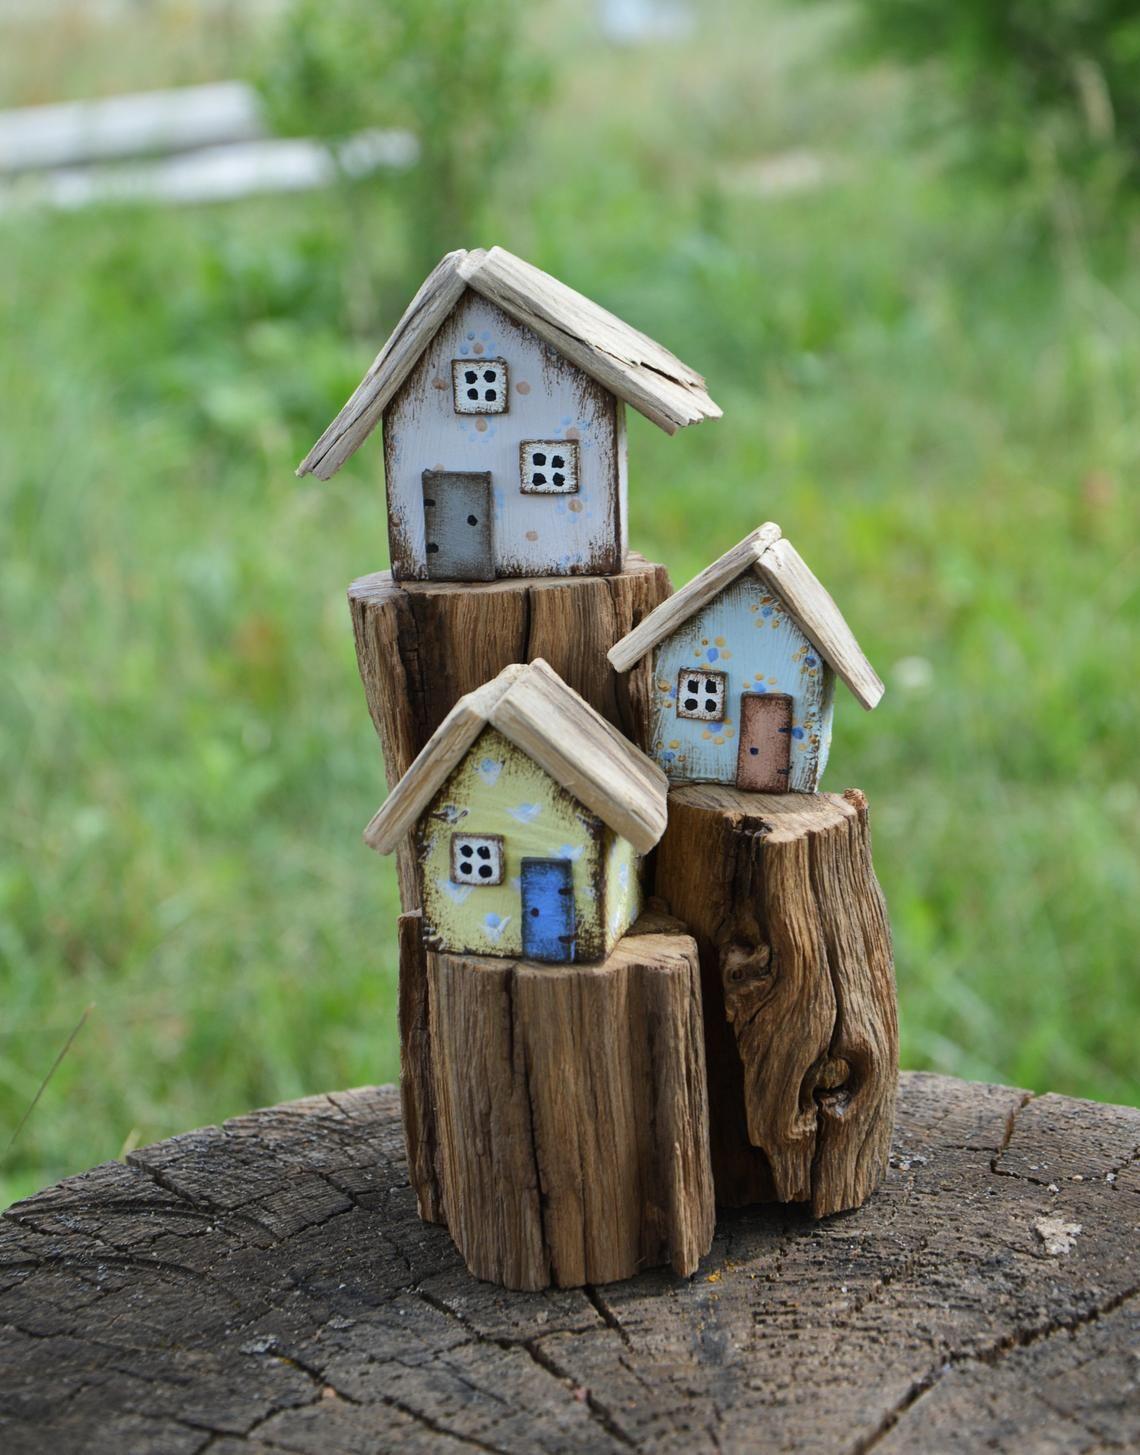 Casa Di Legno Costi l'arredamento in legno nuova casa regalo piccola casa in